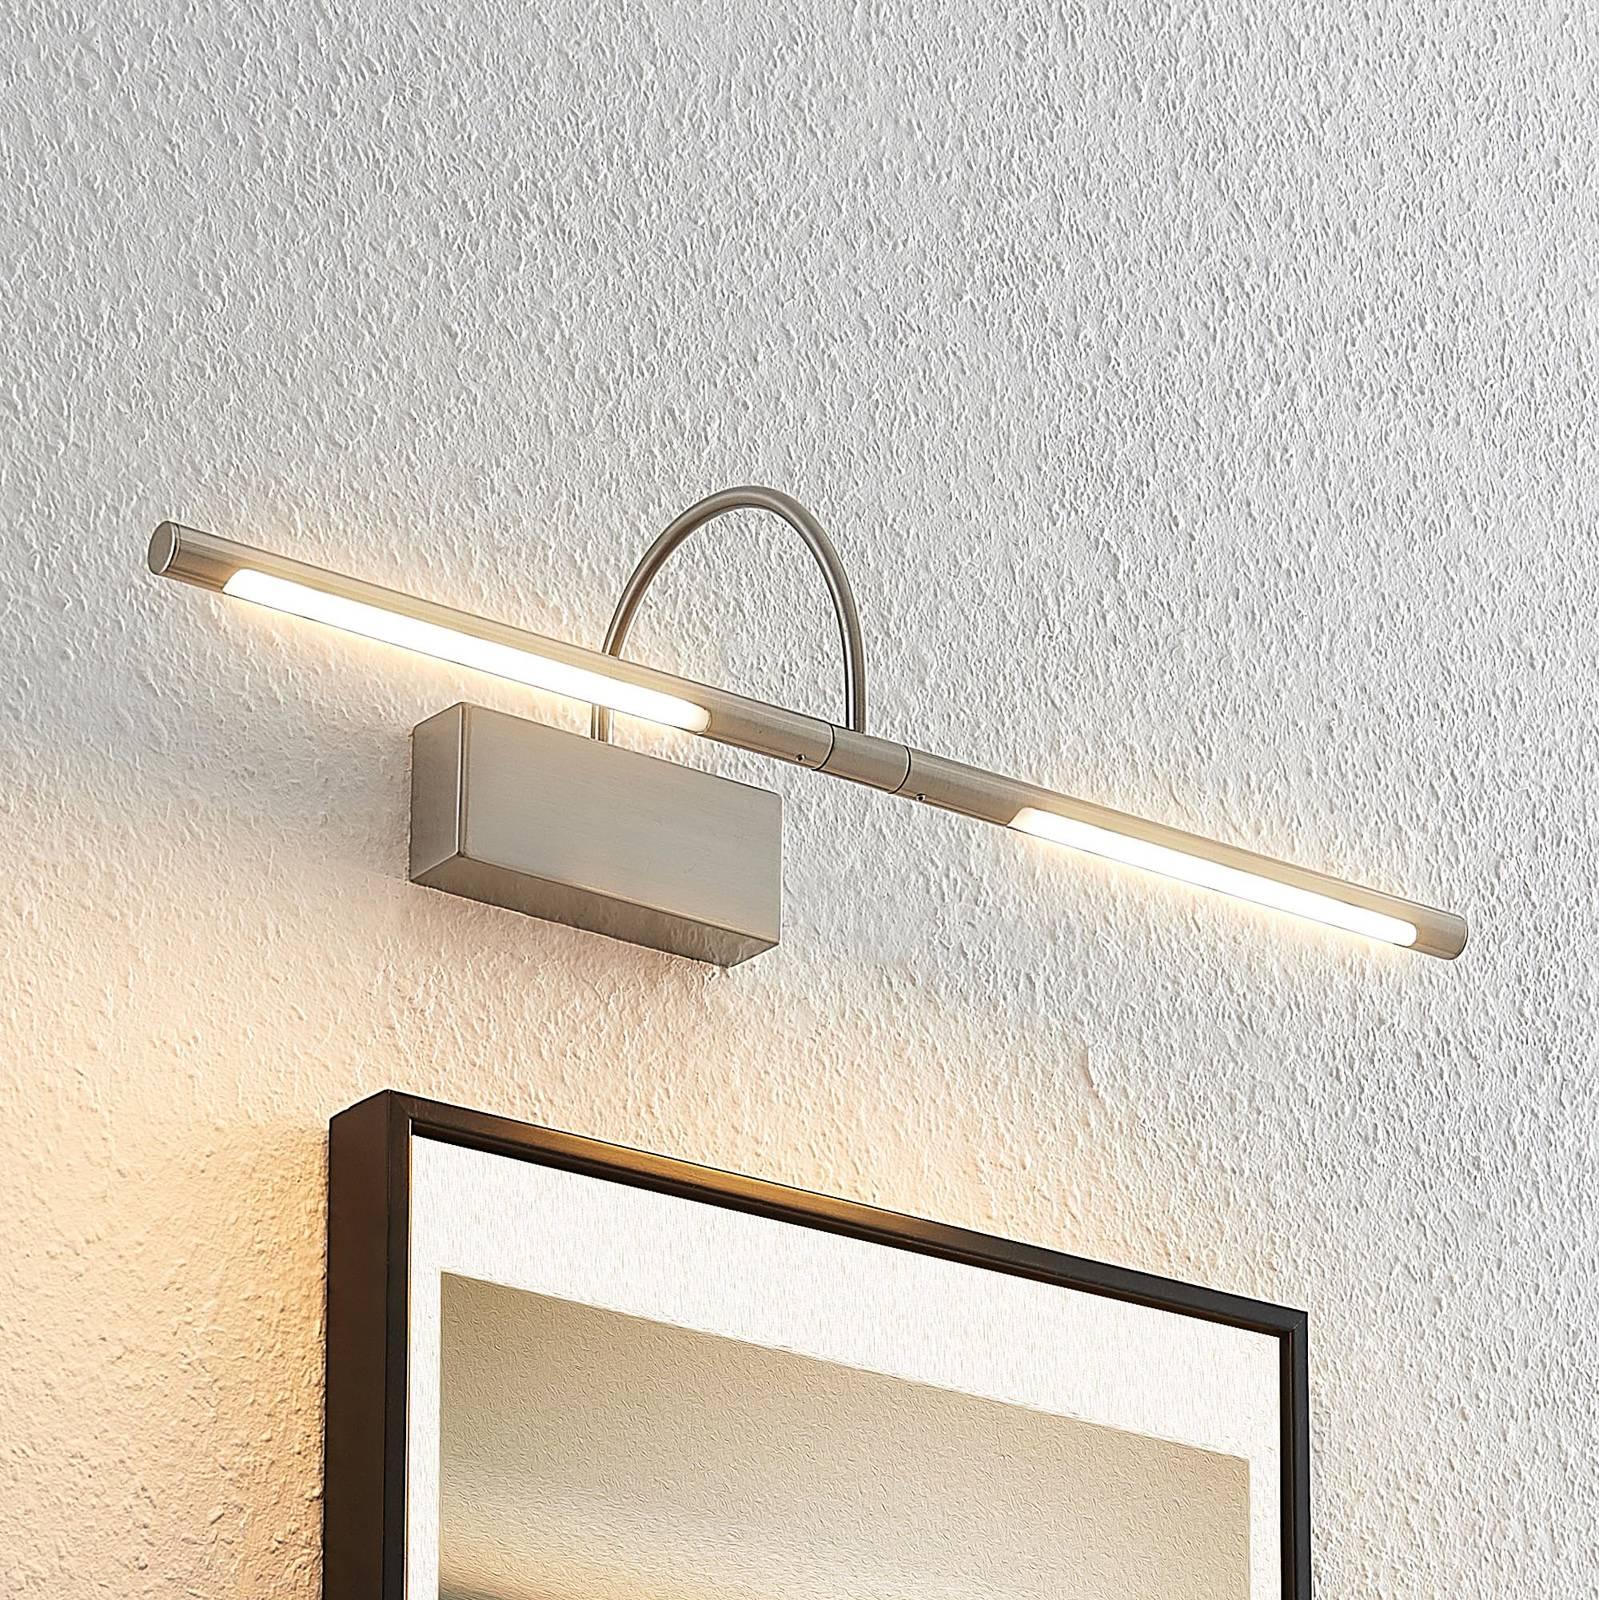 Lucande Fehmke-LED-tauluvalaisin satinoitu nikkeli